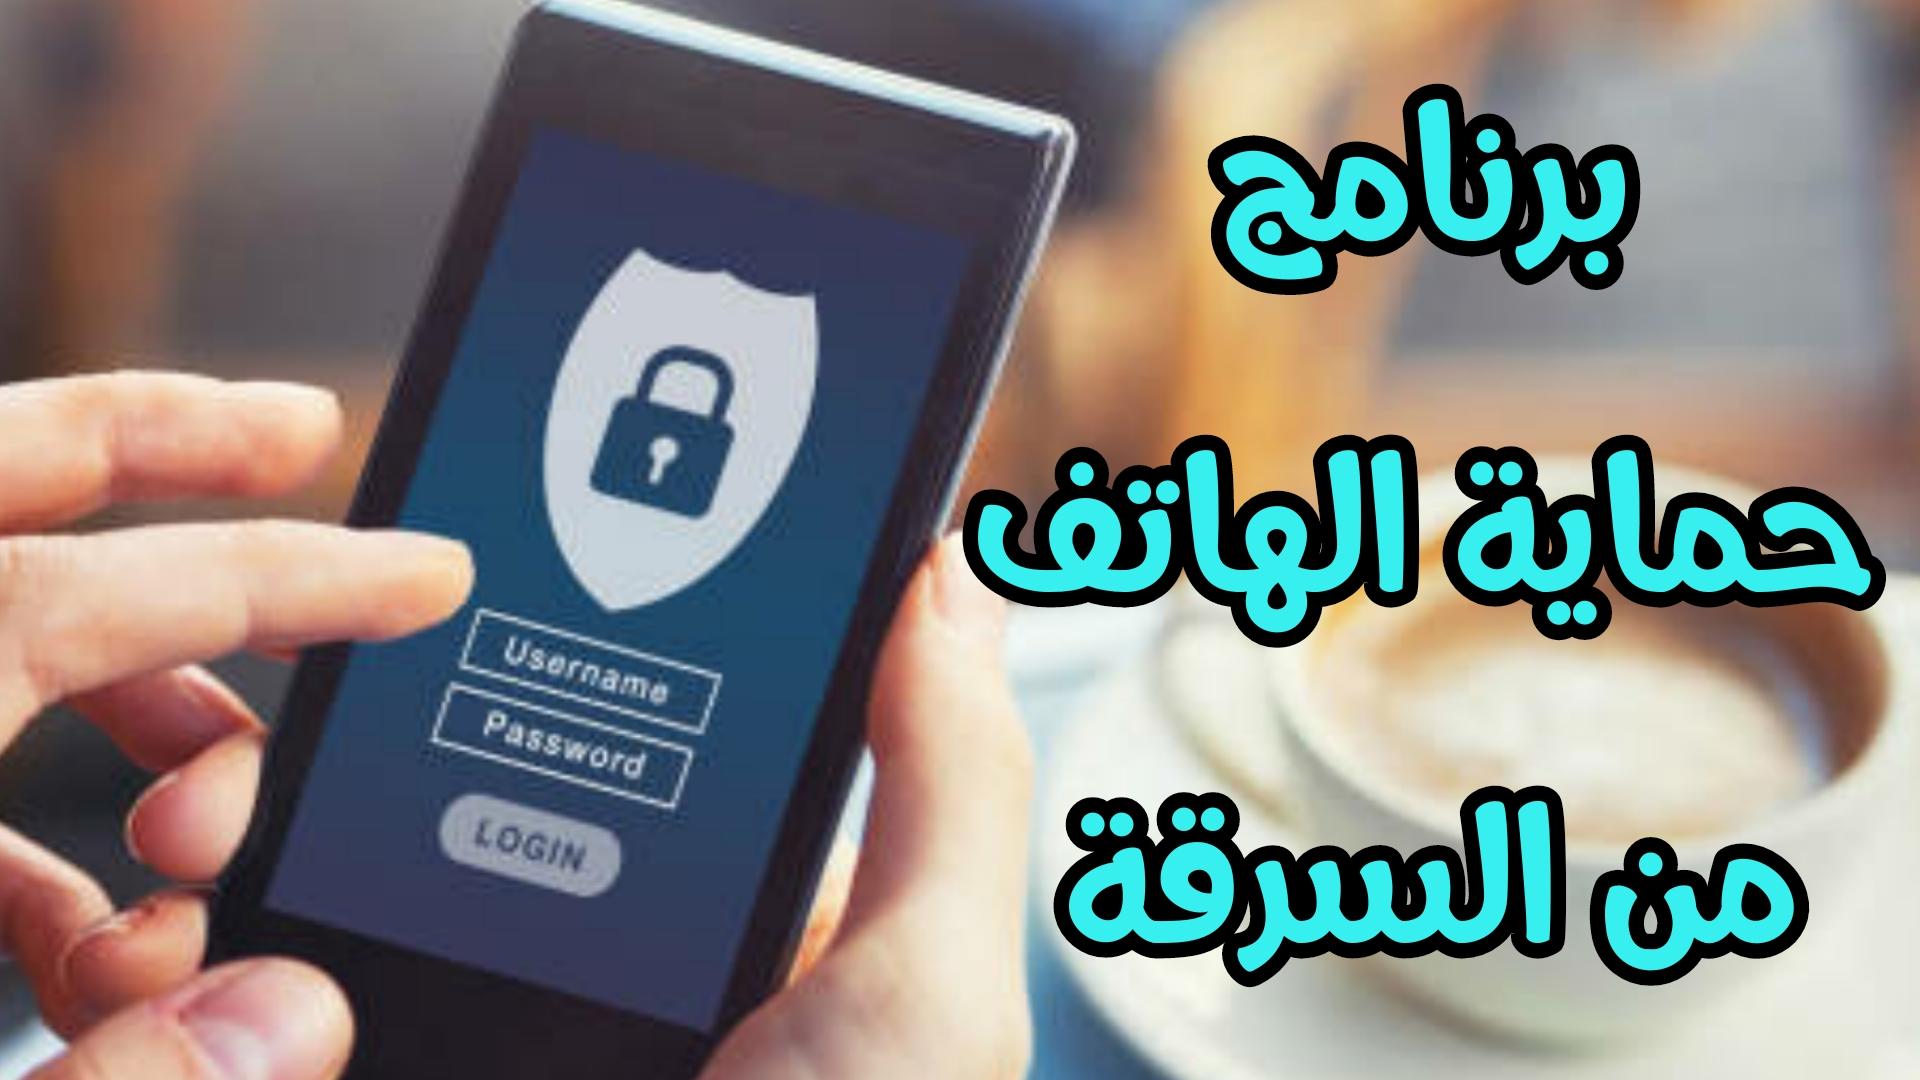 كيف يمكنكم حماية الهاتف من السرقة تحميل برنامج حماية الهاتف من الفضوليين